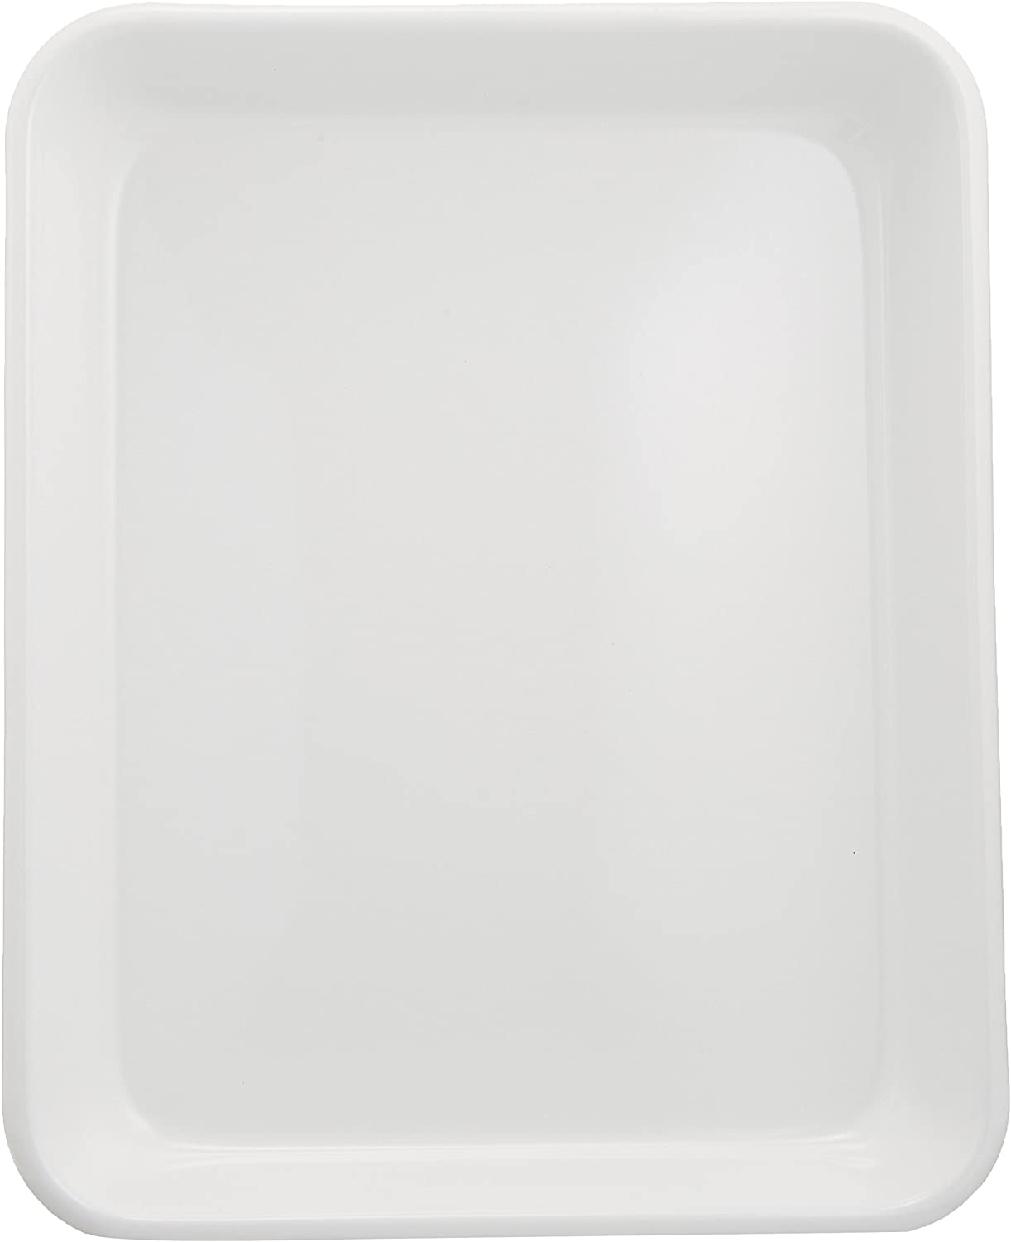 野田琺瑯(のだほうろう)バット(全白) 18取 VA-18W ホワイトの商品画像